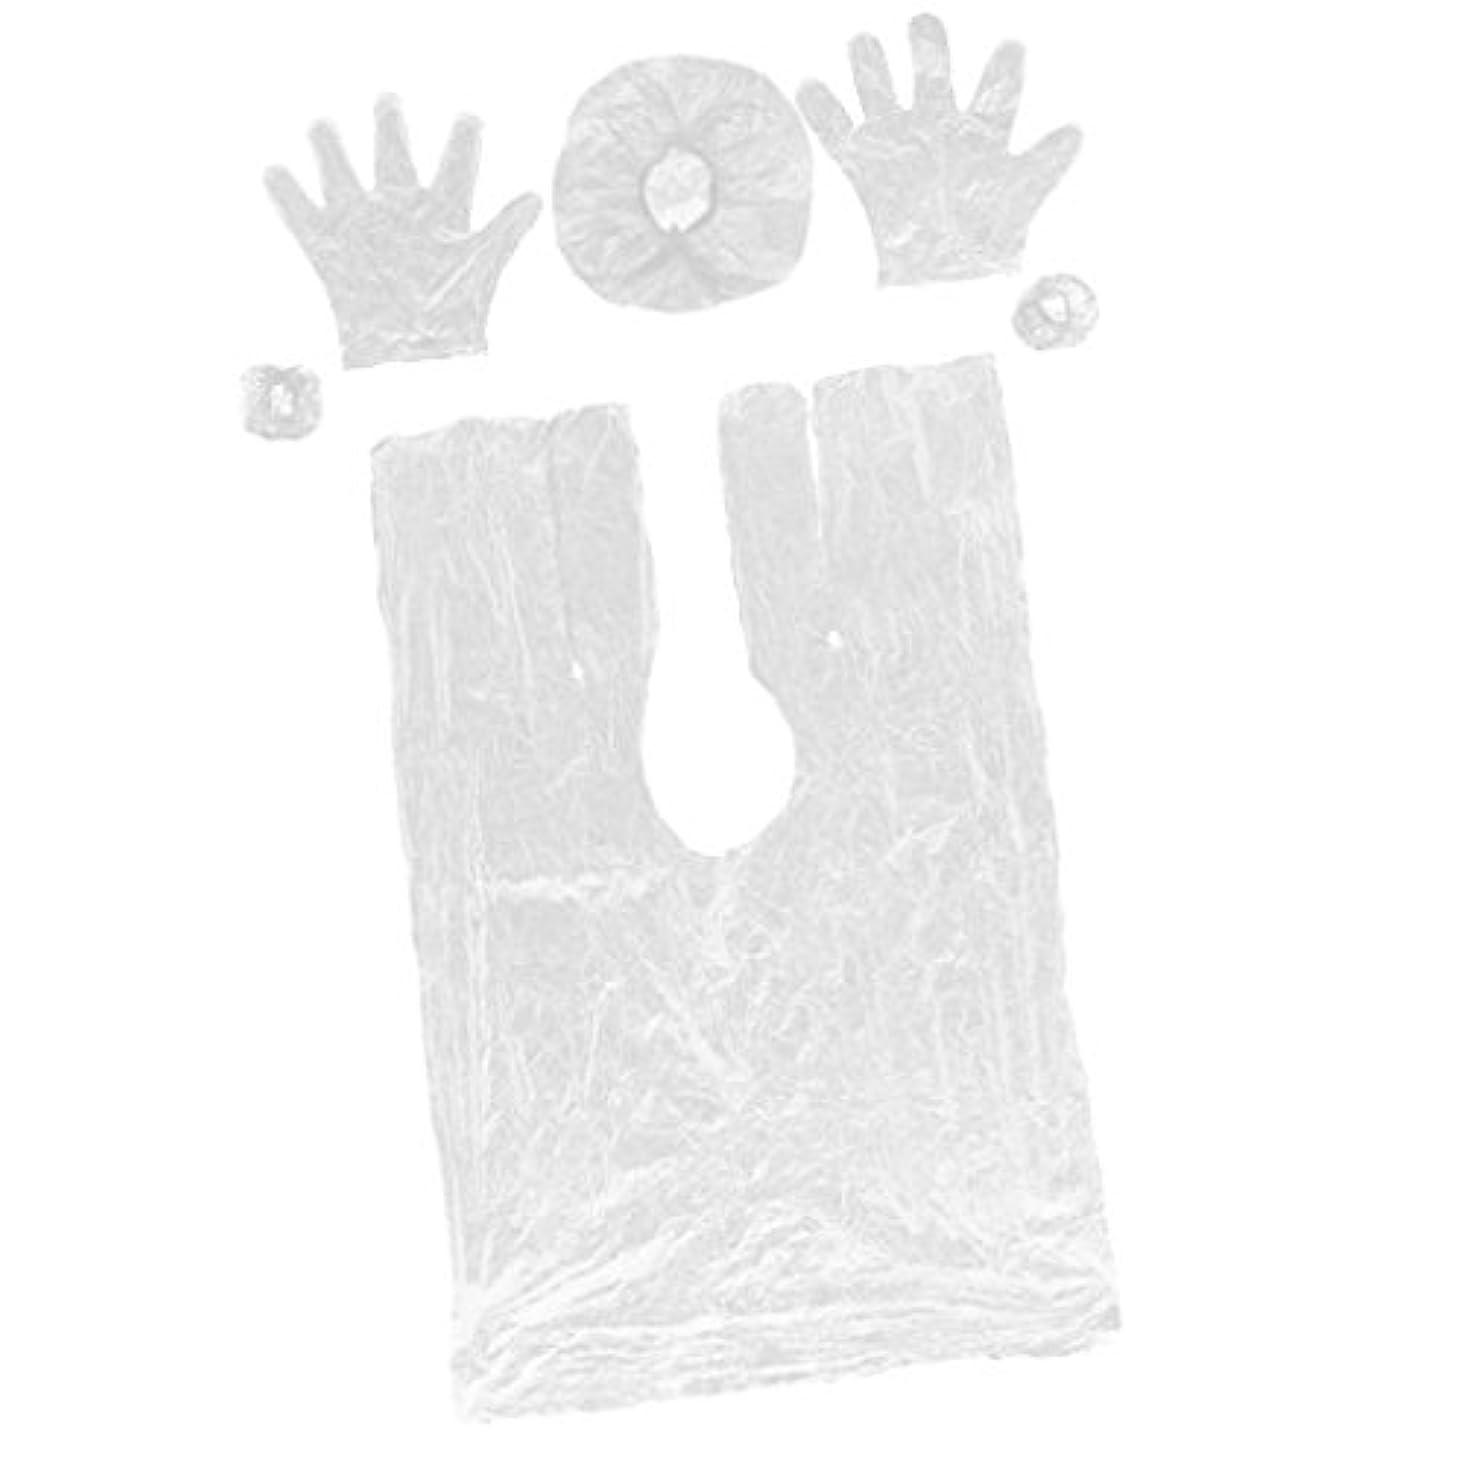 インフレーションチャンバー八百屋Kesoto 使い捨て ヘアケアサロン帽子 弾性キャップ サロンケープ  手袋 耳栓 プラスチック製 10セット入り